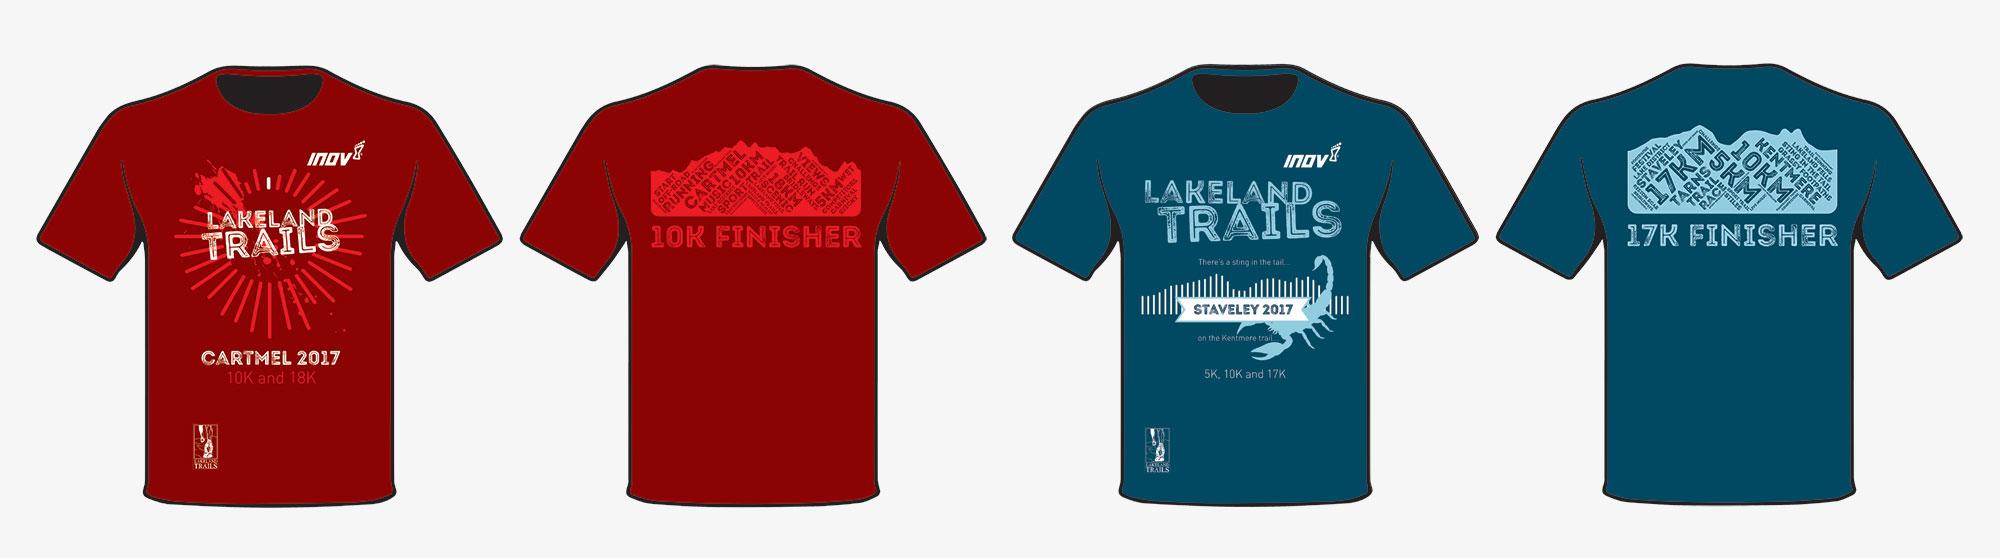 Events Tshirts